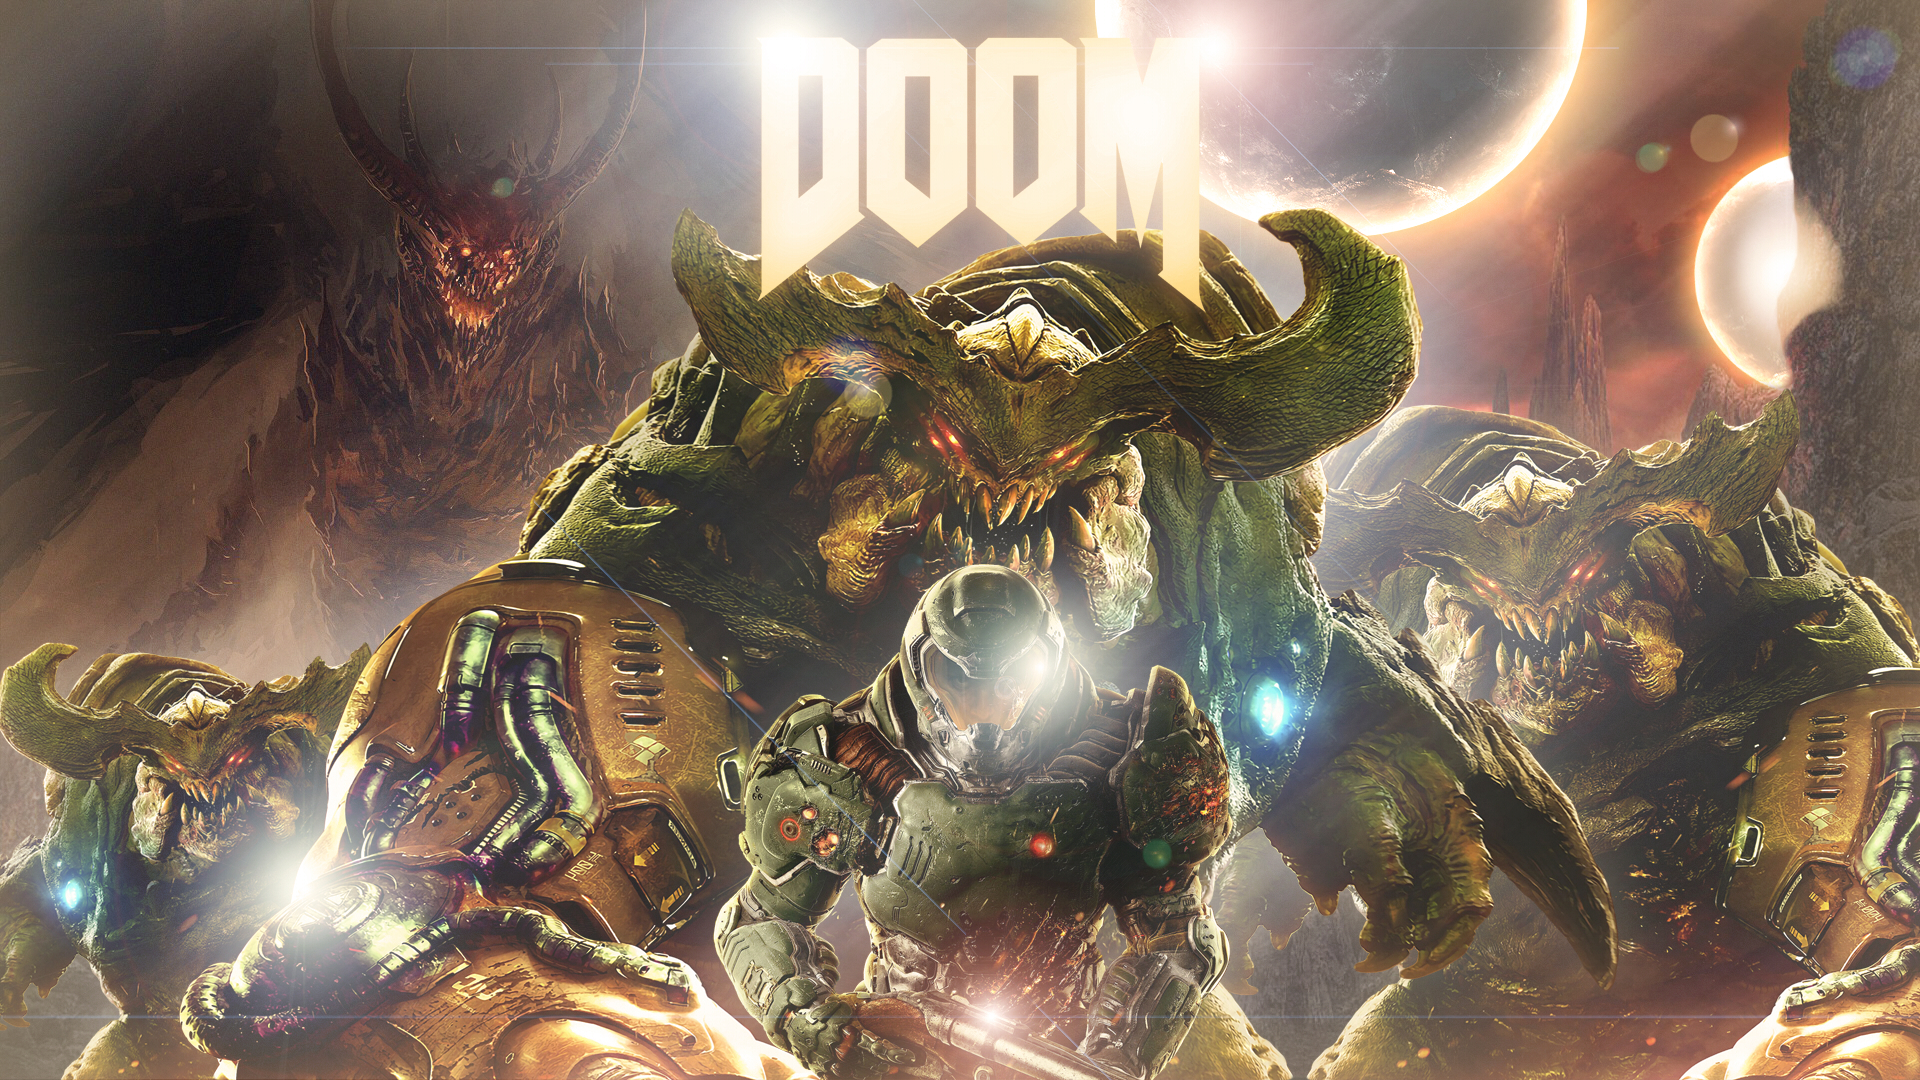 doom wallpaper 1366x768 - photo #27